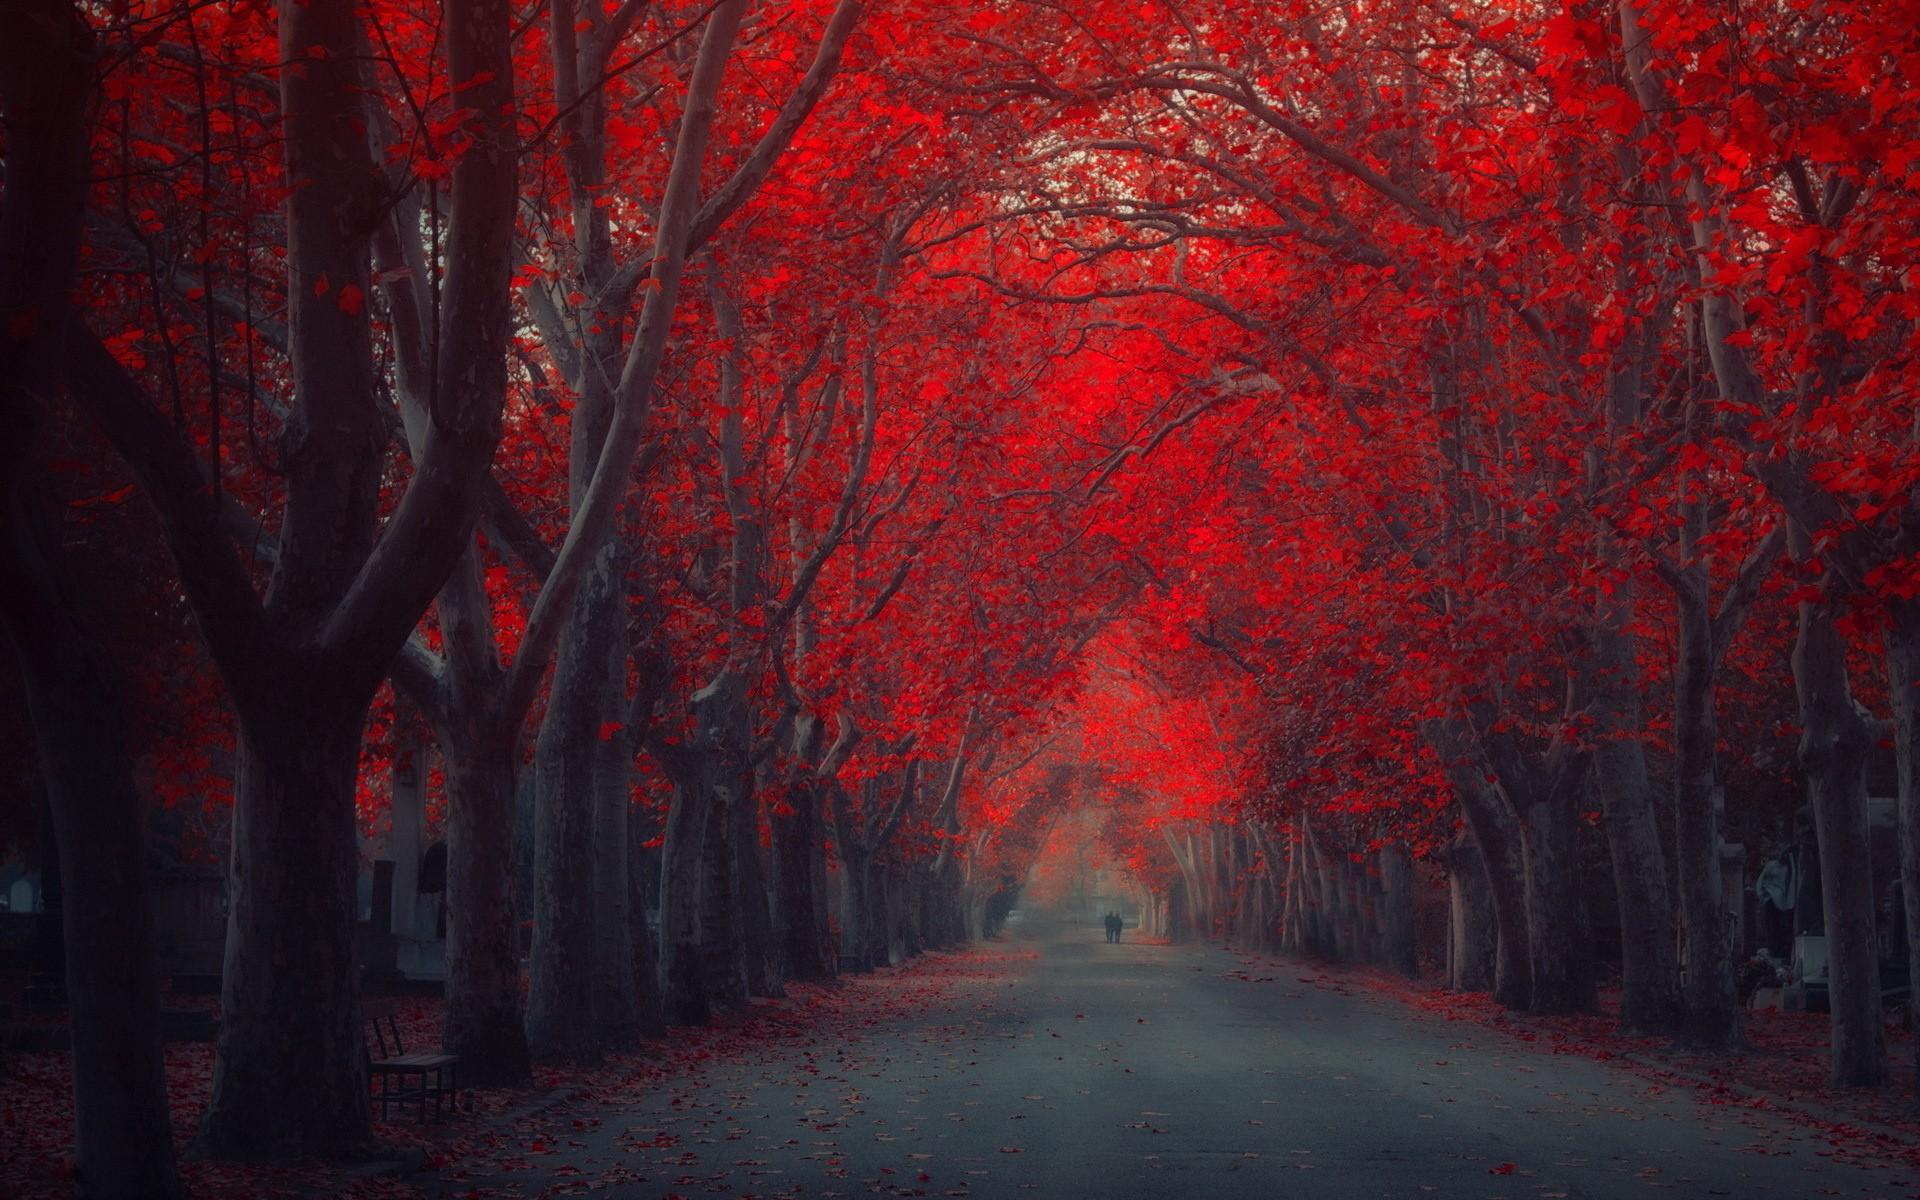 بالصور خلفية حمراء , خلفيات حصرية باللون الاحمر 4670 3